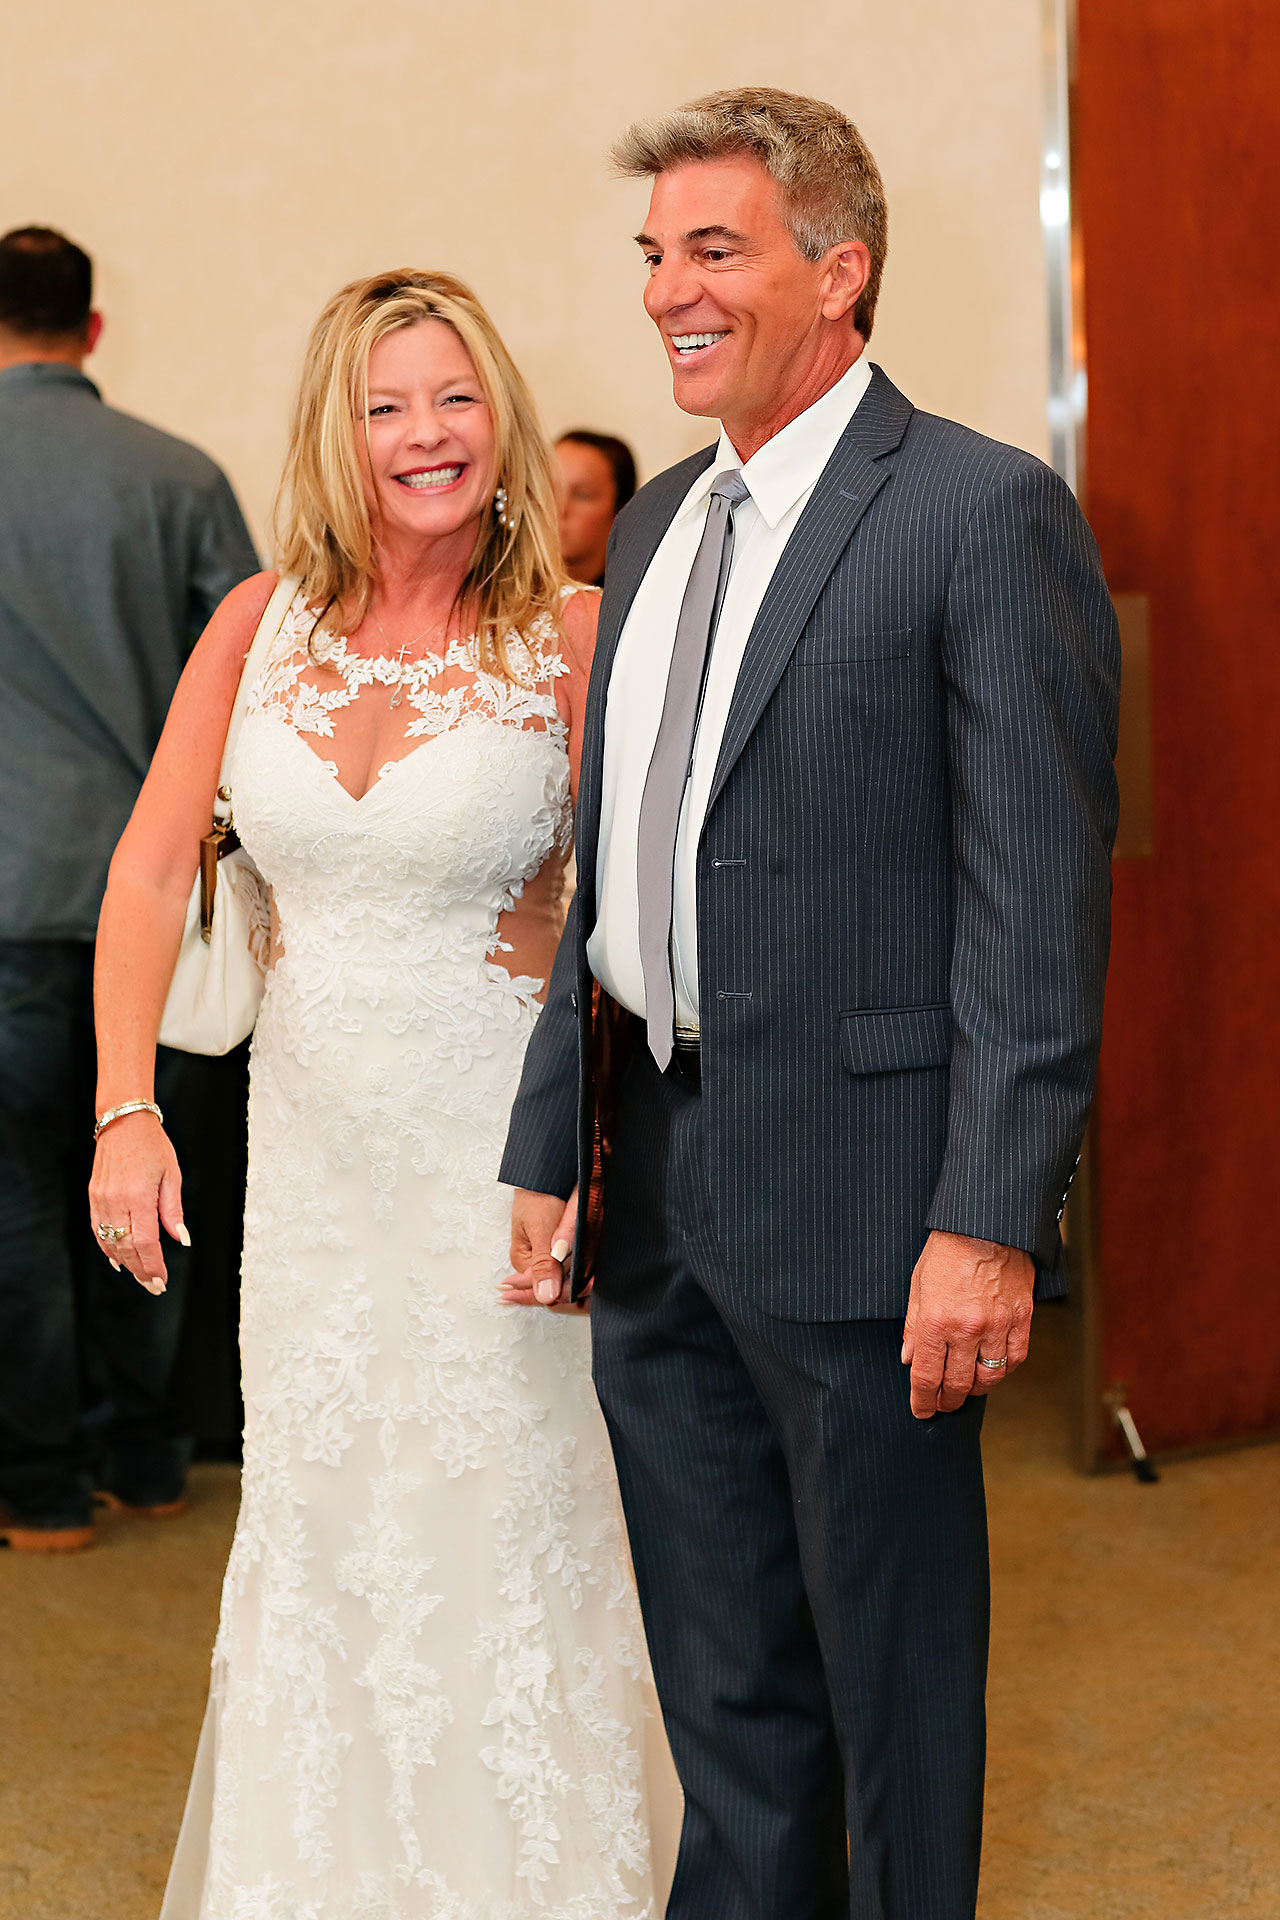 Rhonda Jeff Montage Indianapolis Wedding Reception 051